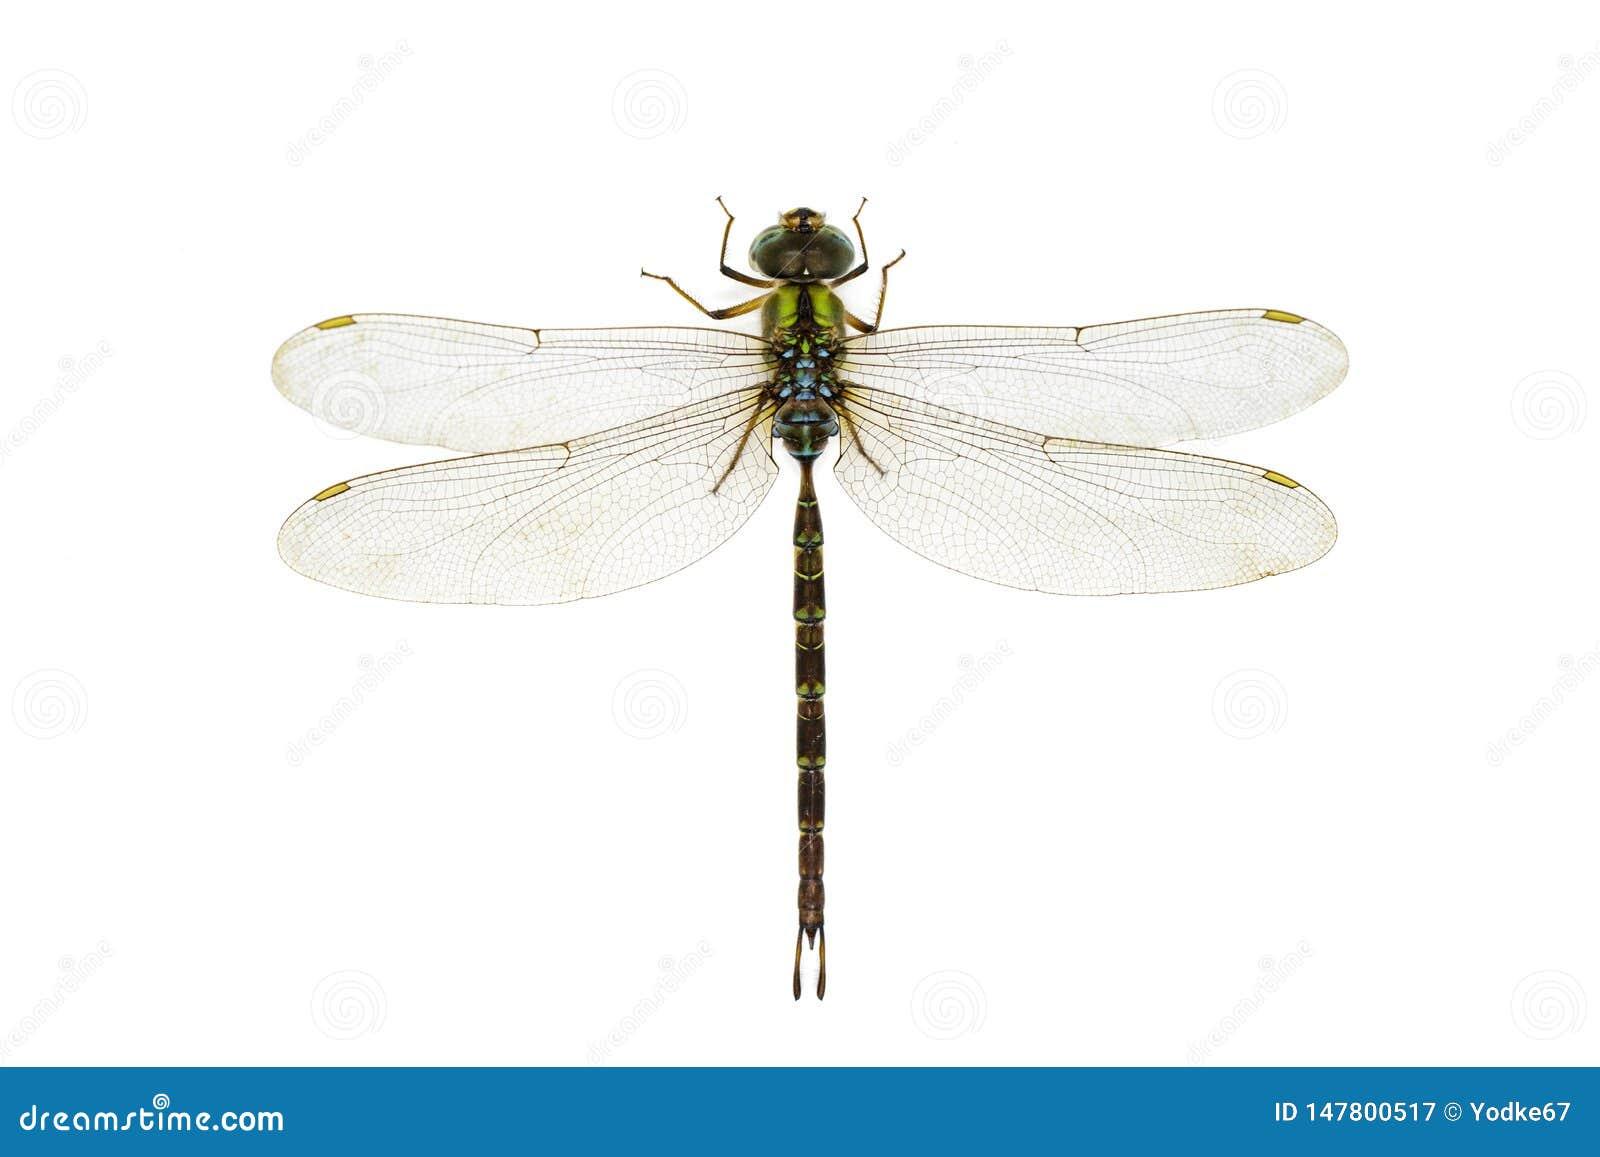 蜻蜓的图象在白色背景的 透明有翼昆虫 ?? ??